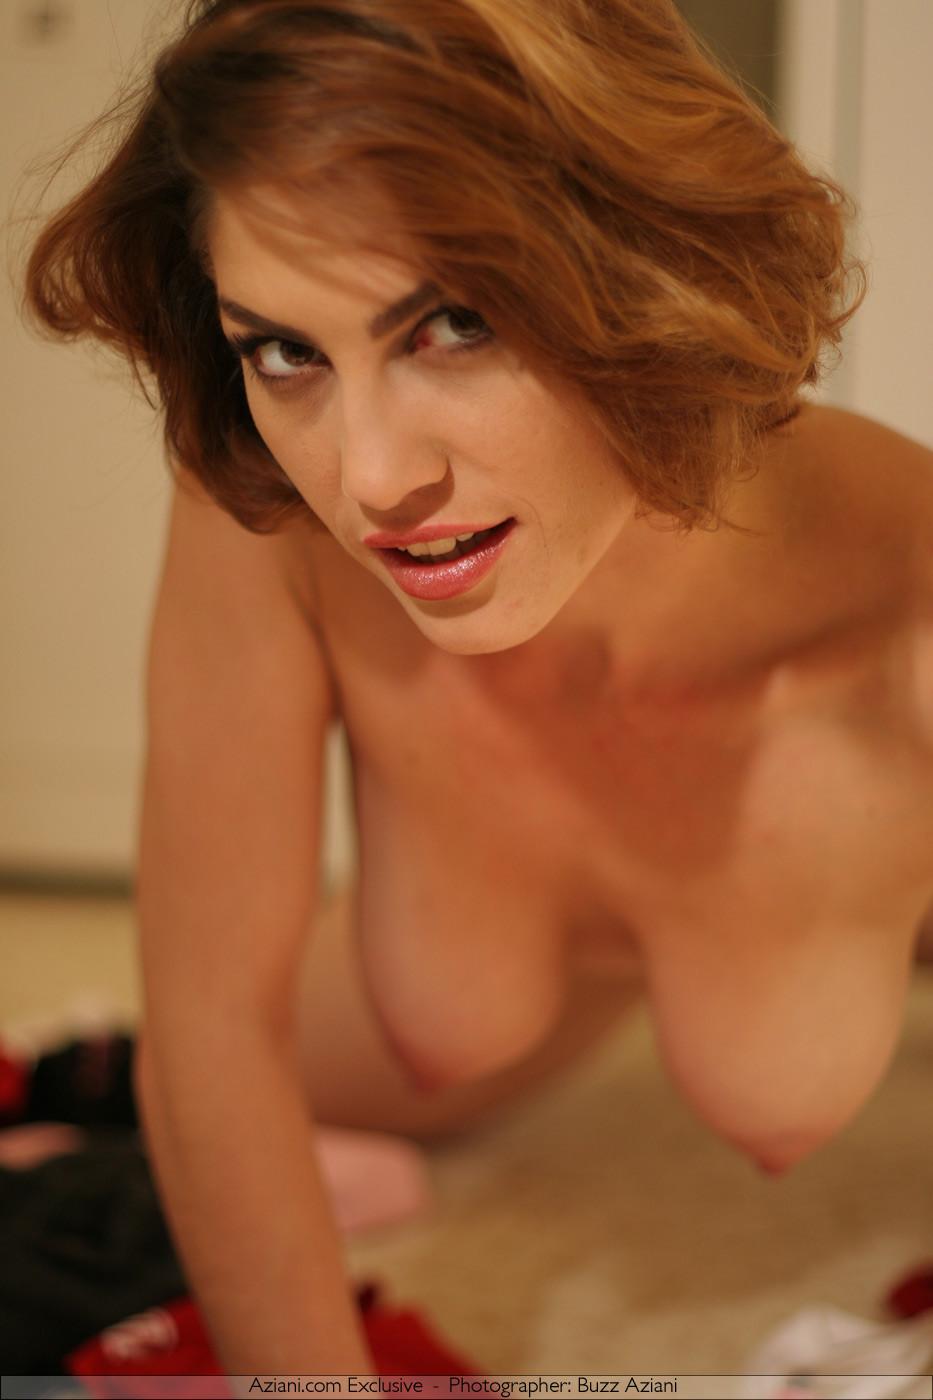 Женщина обладает особым шармом, который она так хорошо передает через свои откровенные фото